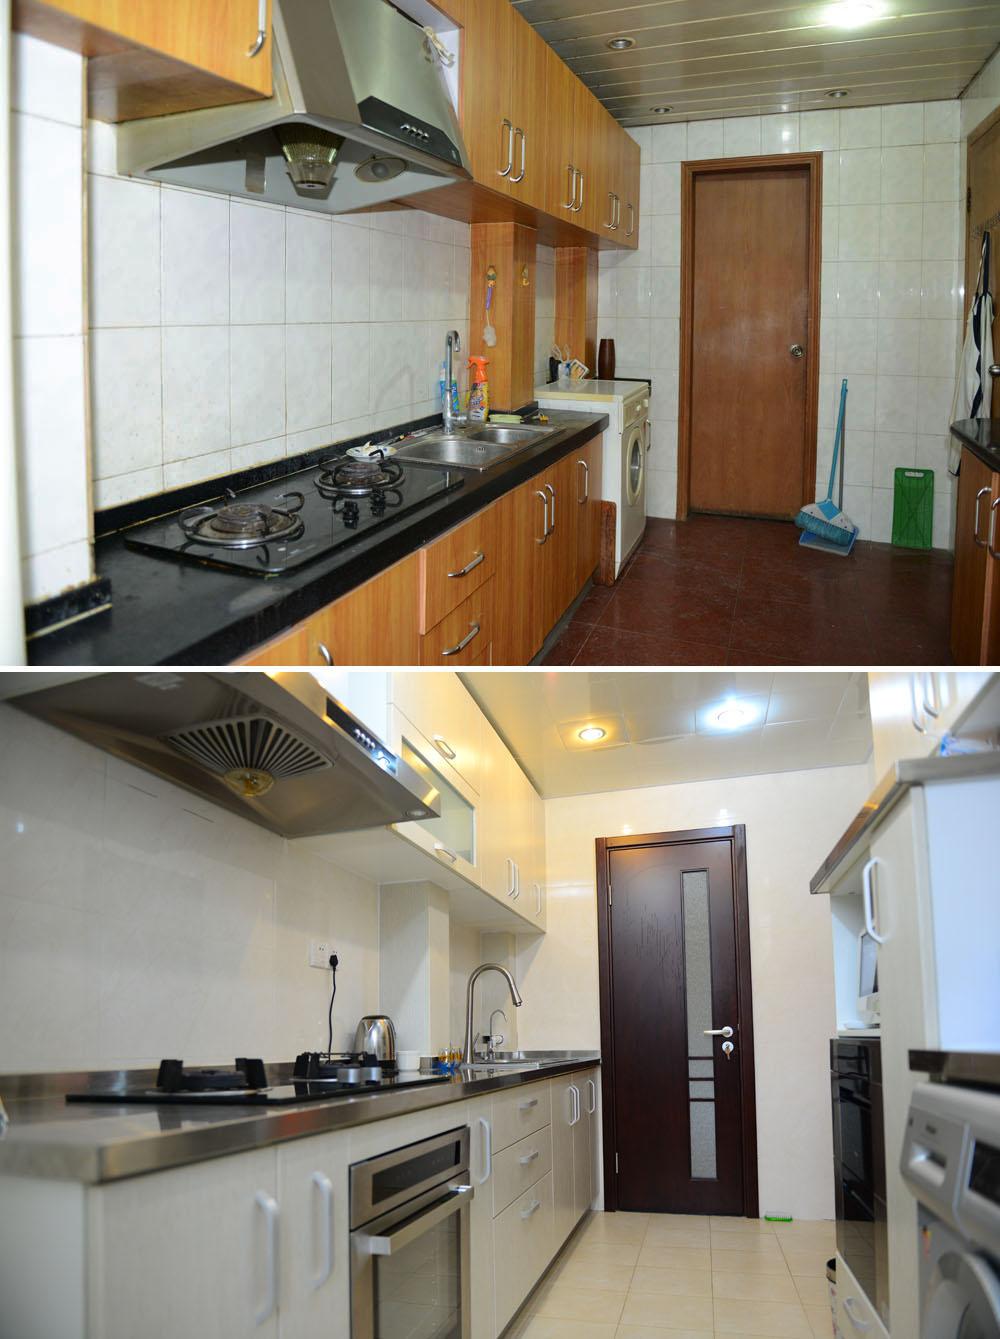 简约 二居 旧房改造 收纳 80后 今朝装饰 厨房图片来自北京老房装修-今朝装饰王丽在老房翻新前后对比的分享